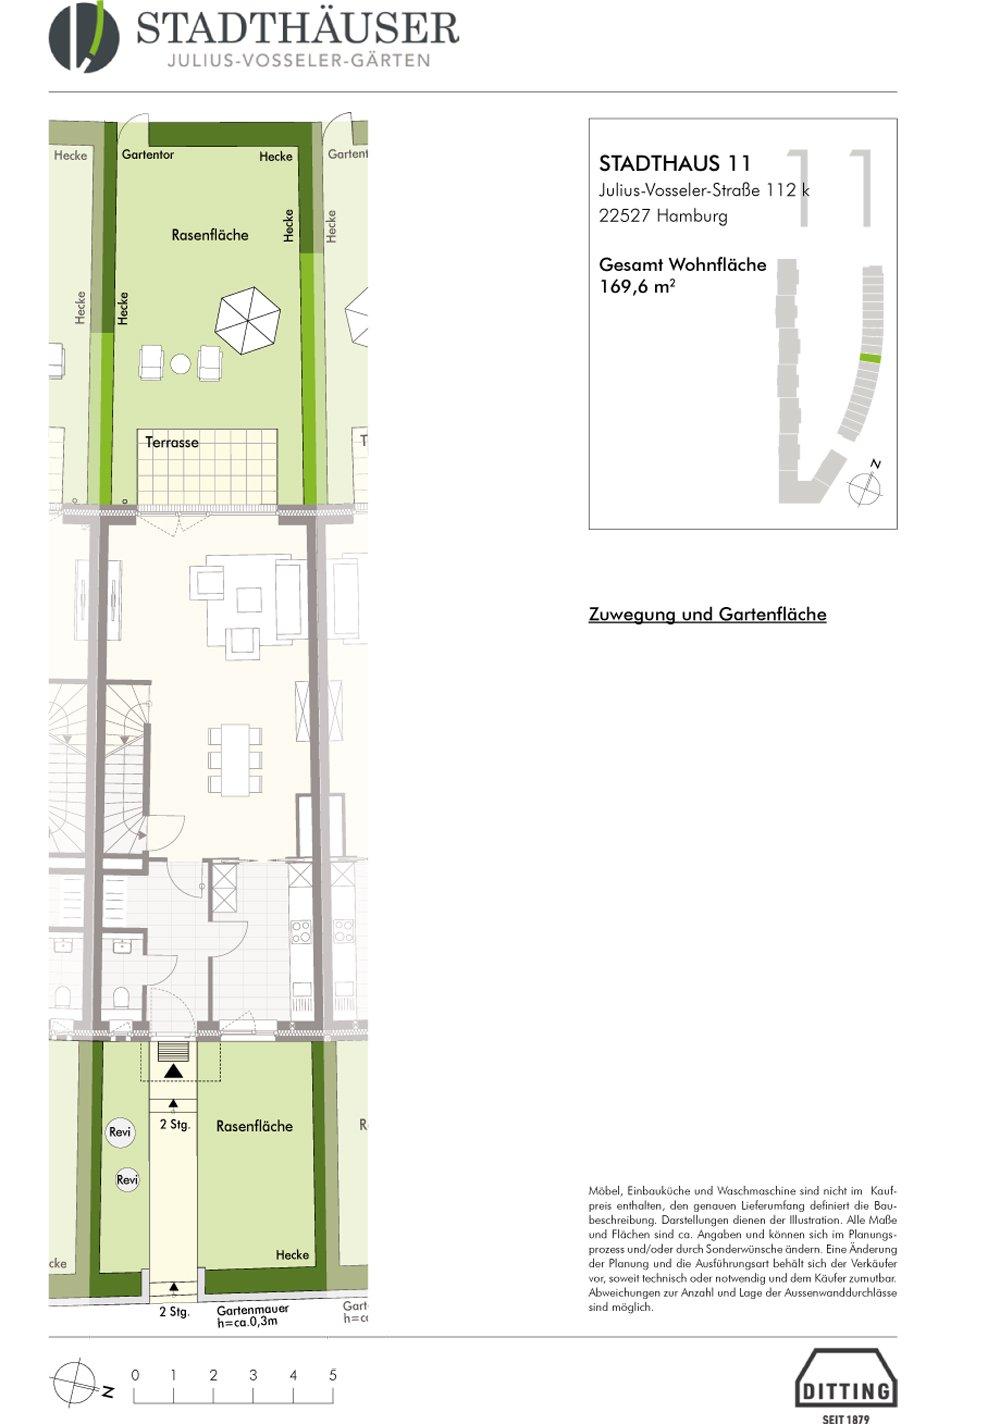 Julius Vosseler Garten Hamburg Richard Ditting Gmbh Co Kg Neubau Immobilien Informationen In 2020 Hamburg Immobilien Stadthaus